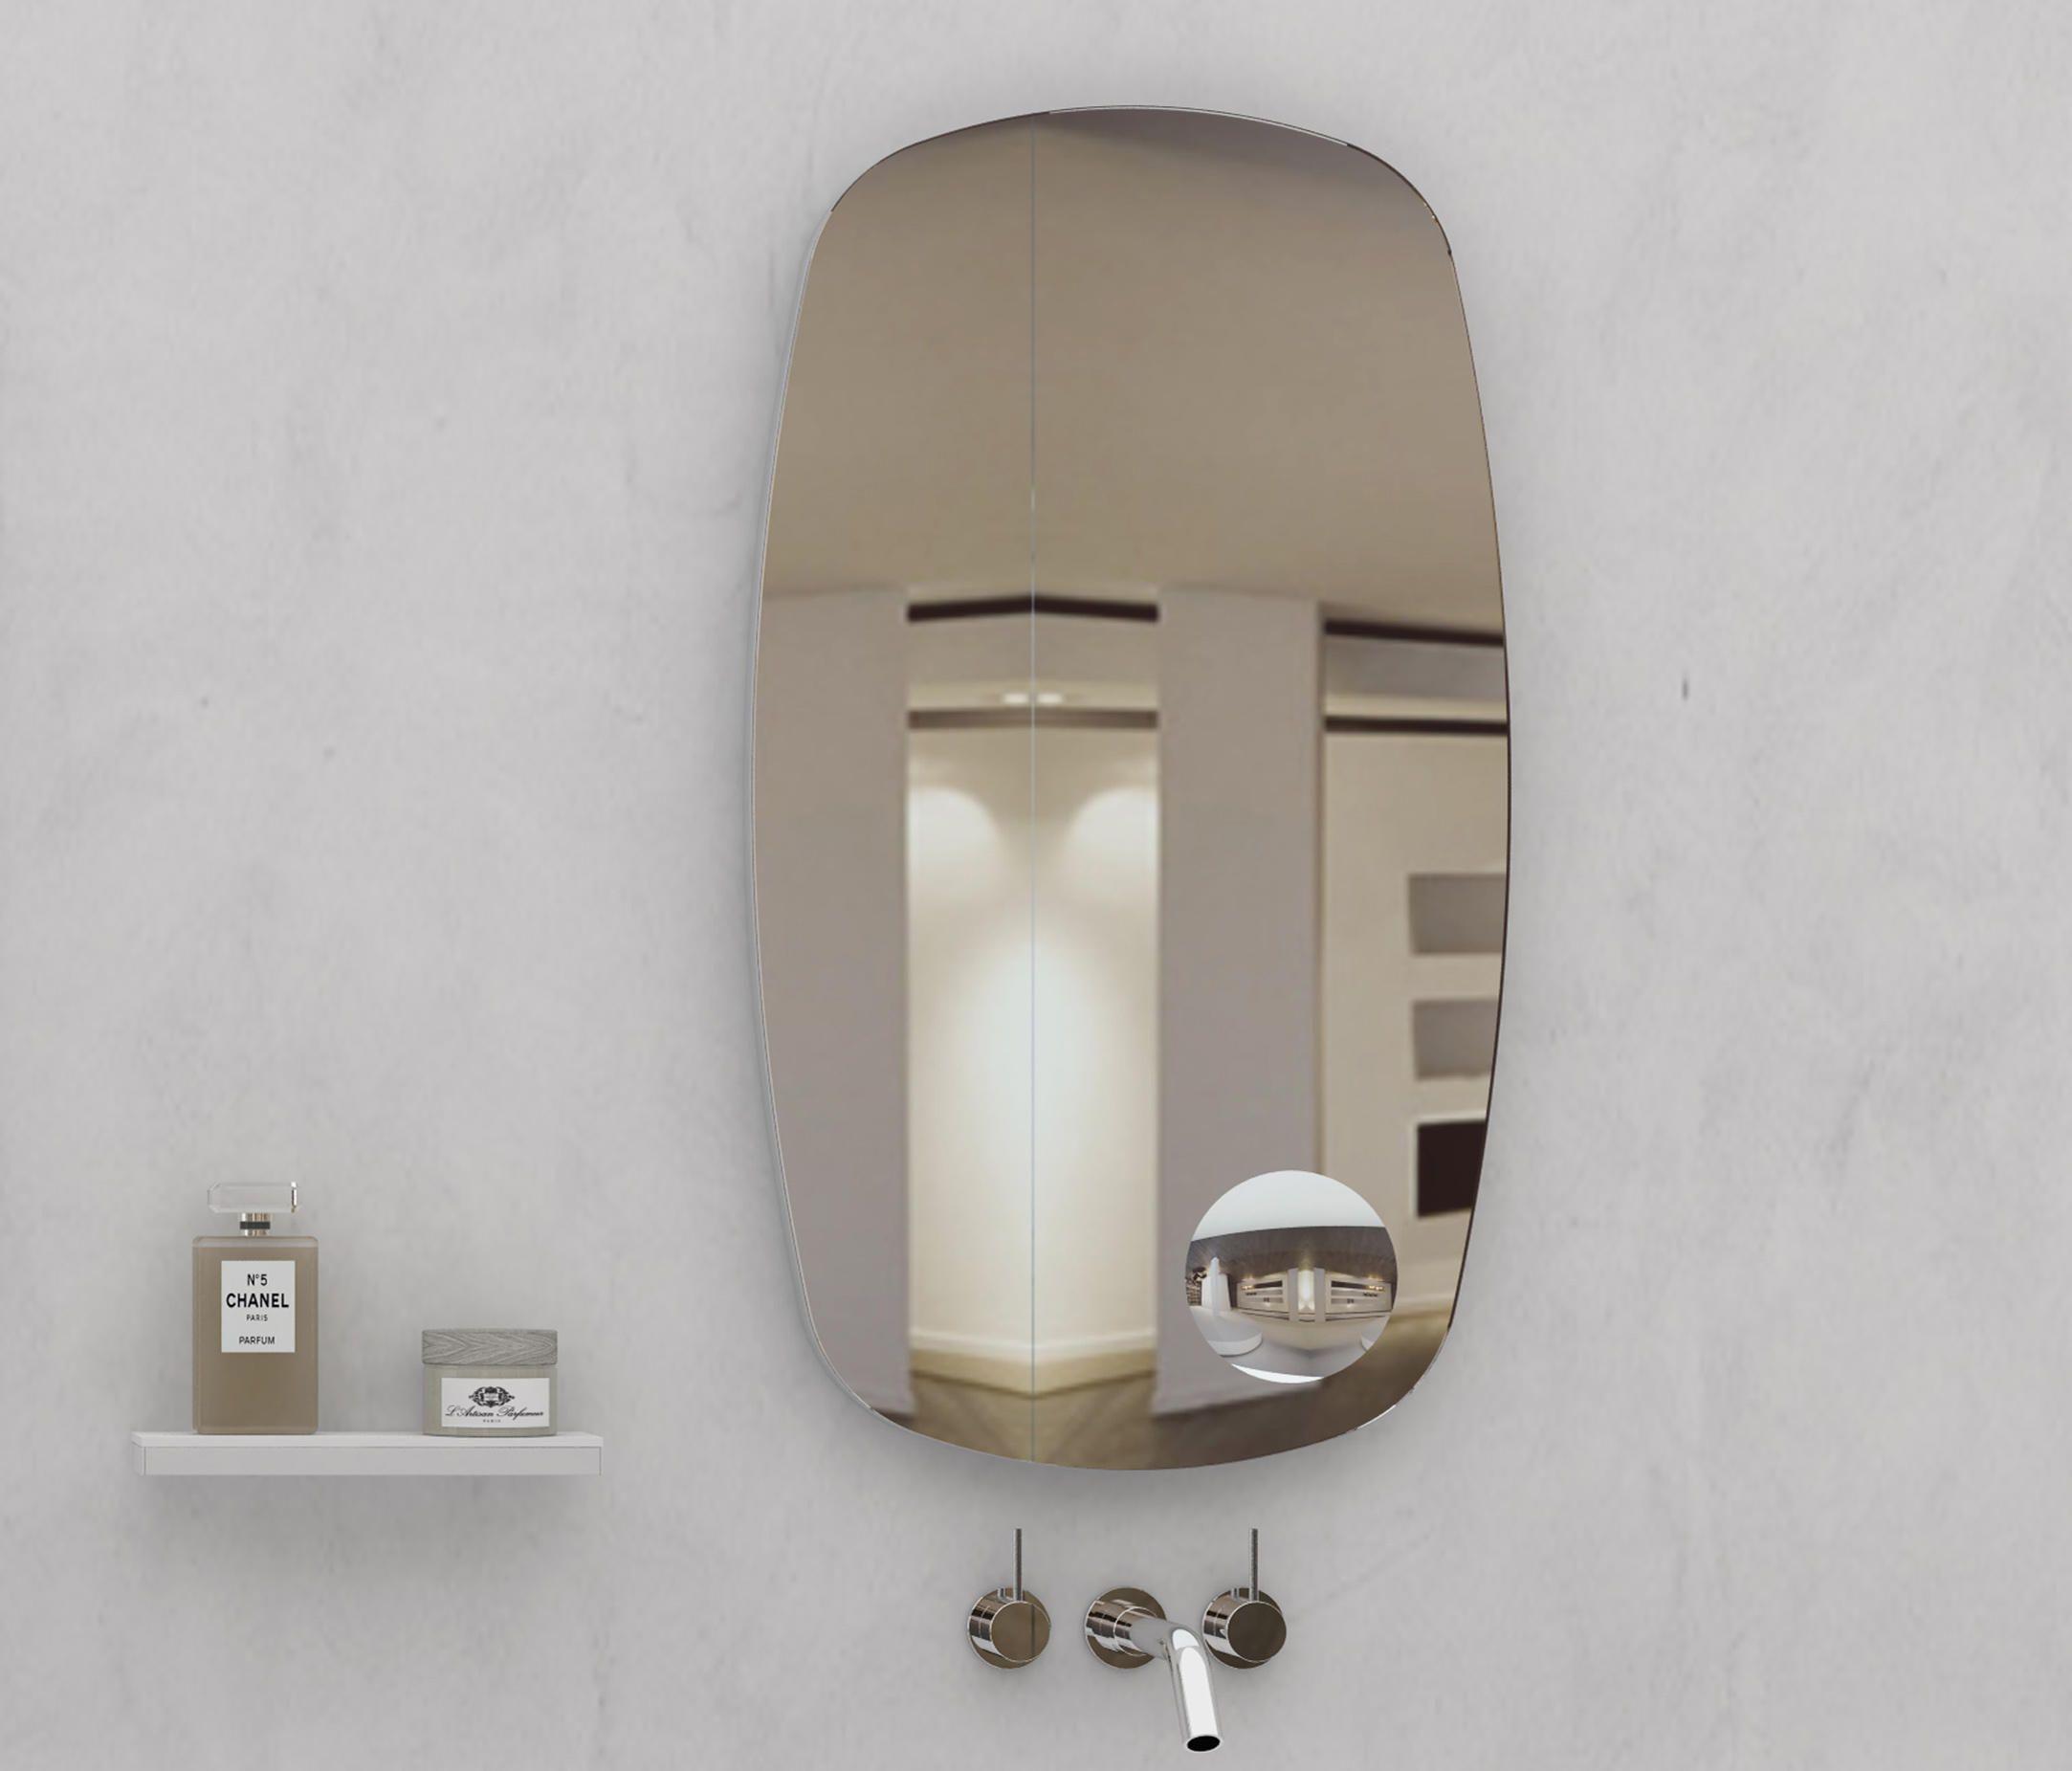 Specchi da parete elegante specchio da parete silver specchiera intagliato a manox provenzale - Specchi rotondi da parete ...